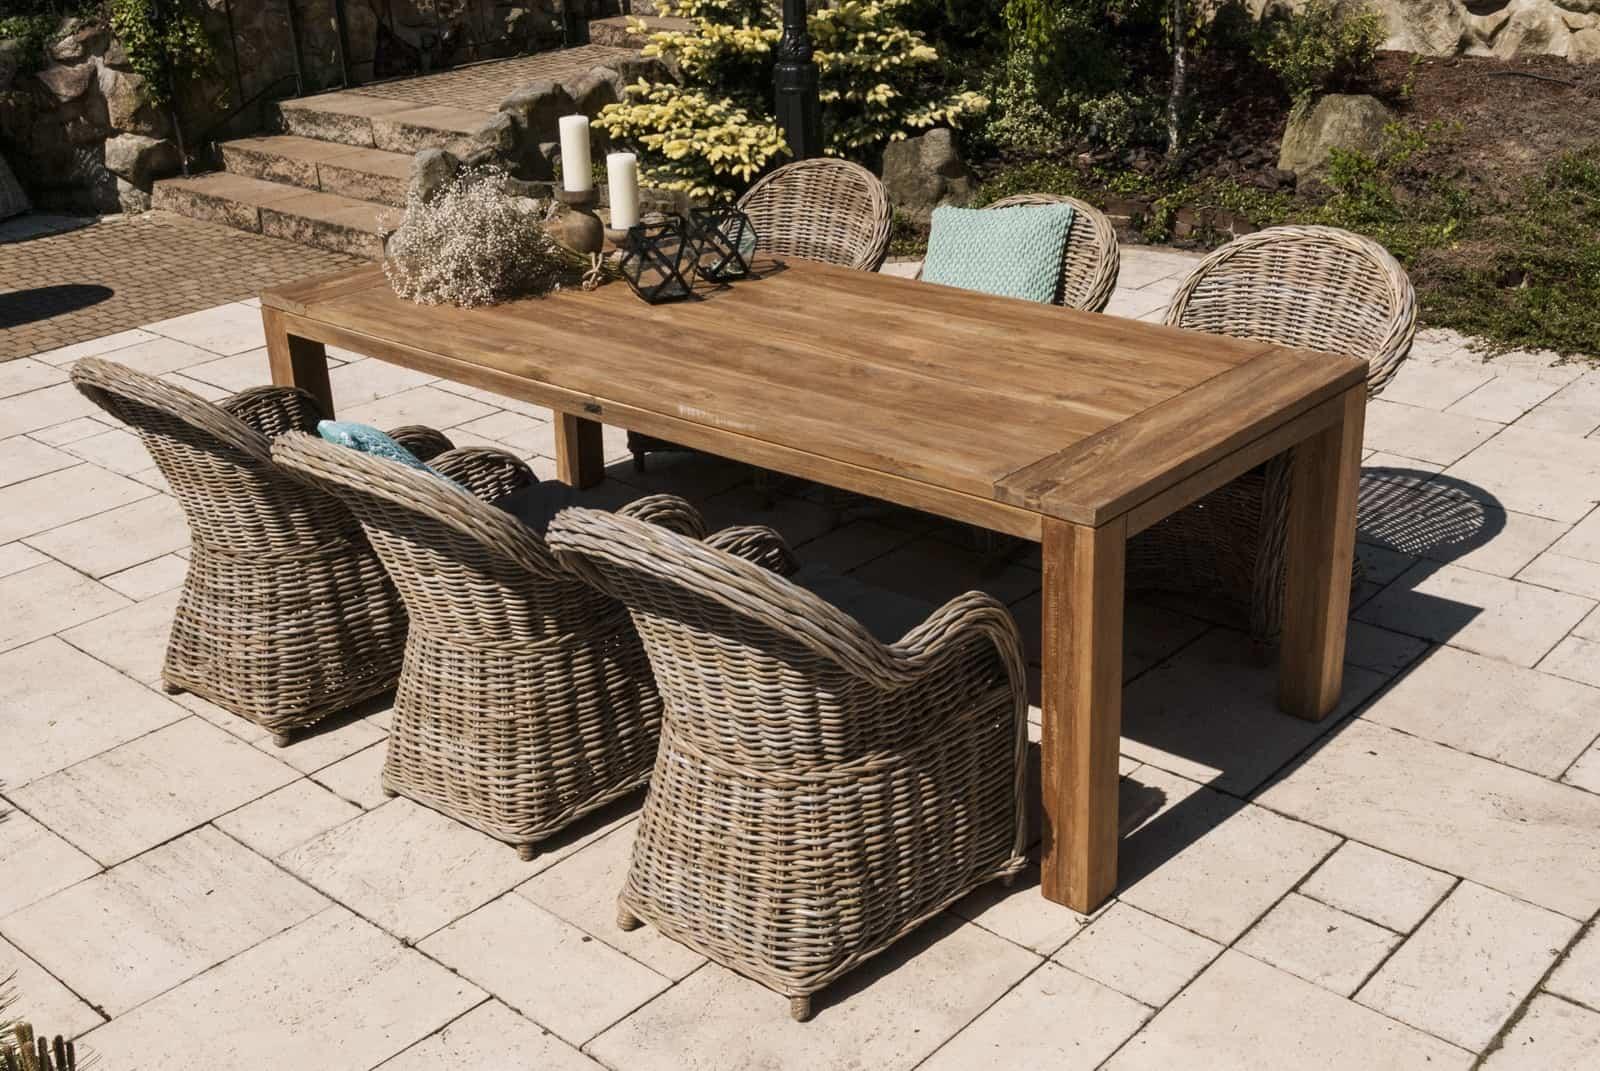 Ogród nowoczesny: inspiracje. Stół ogrodowy teak NIMES